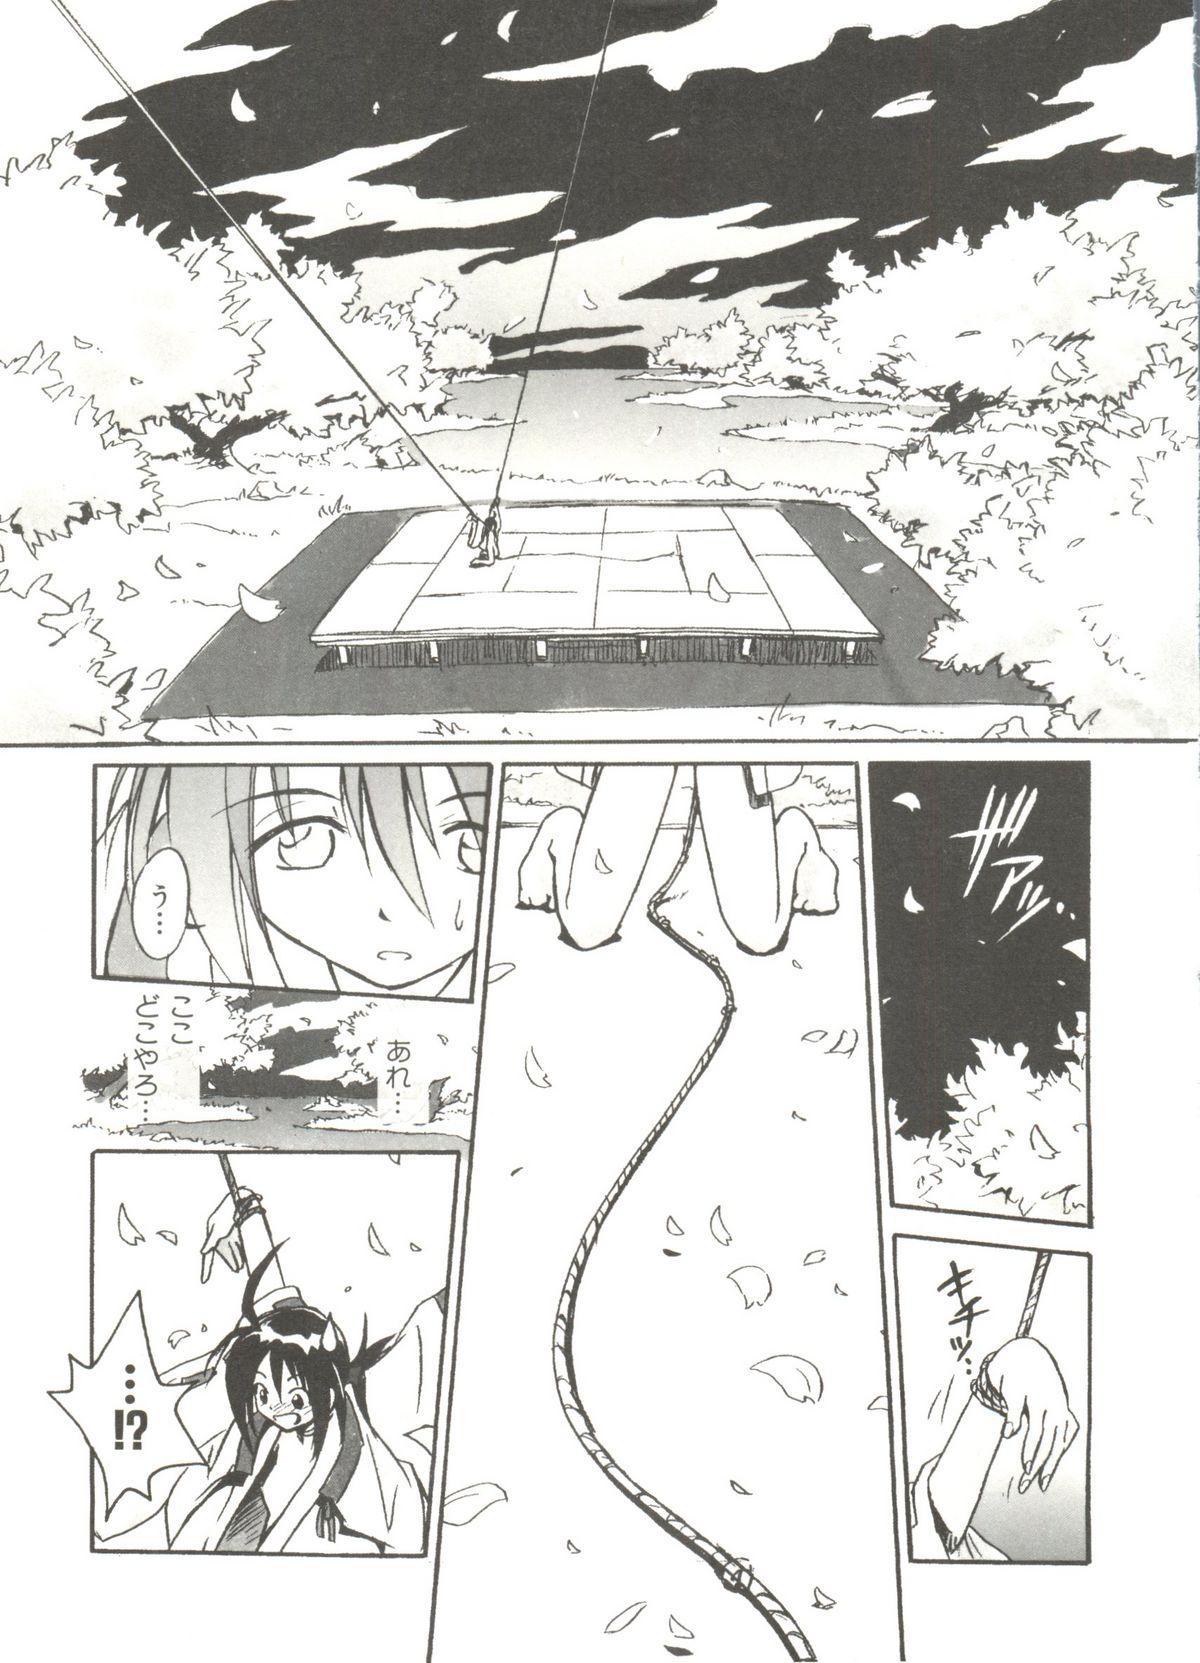 Denei Tamate Bako Bishoujo Doujinshi Anthology Vol. 2 - Nishinhou no Tenshi 10